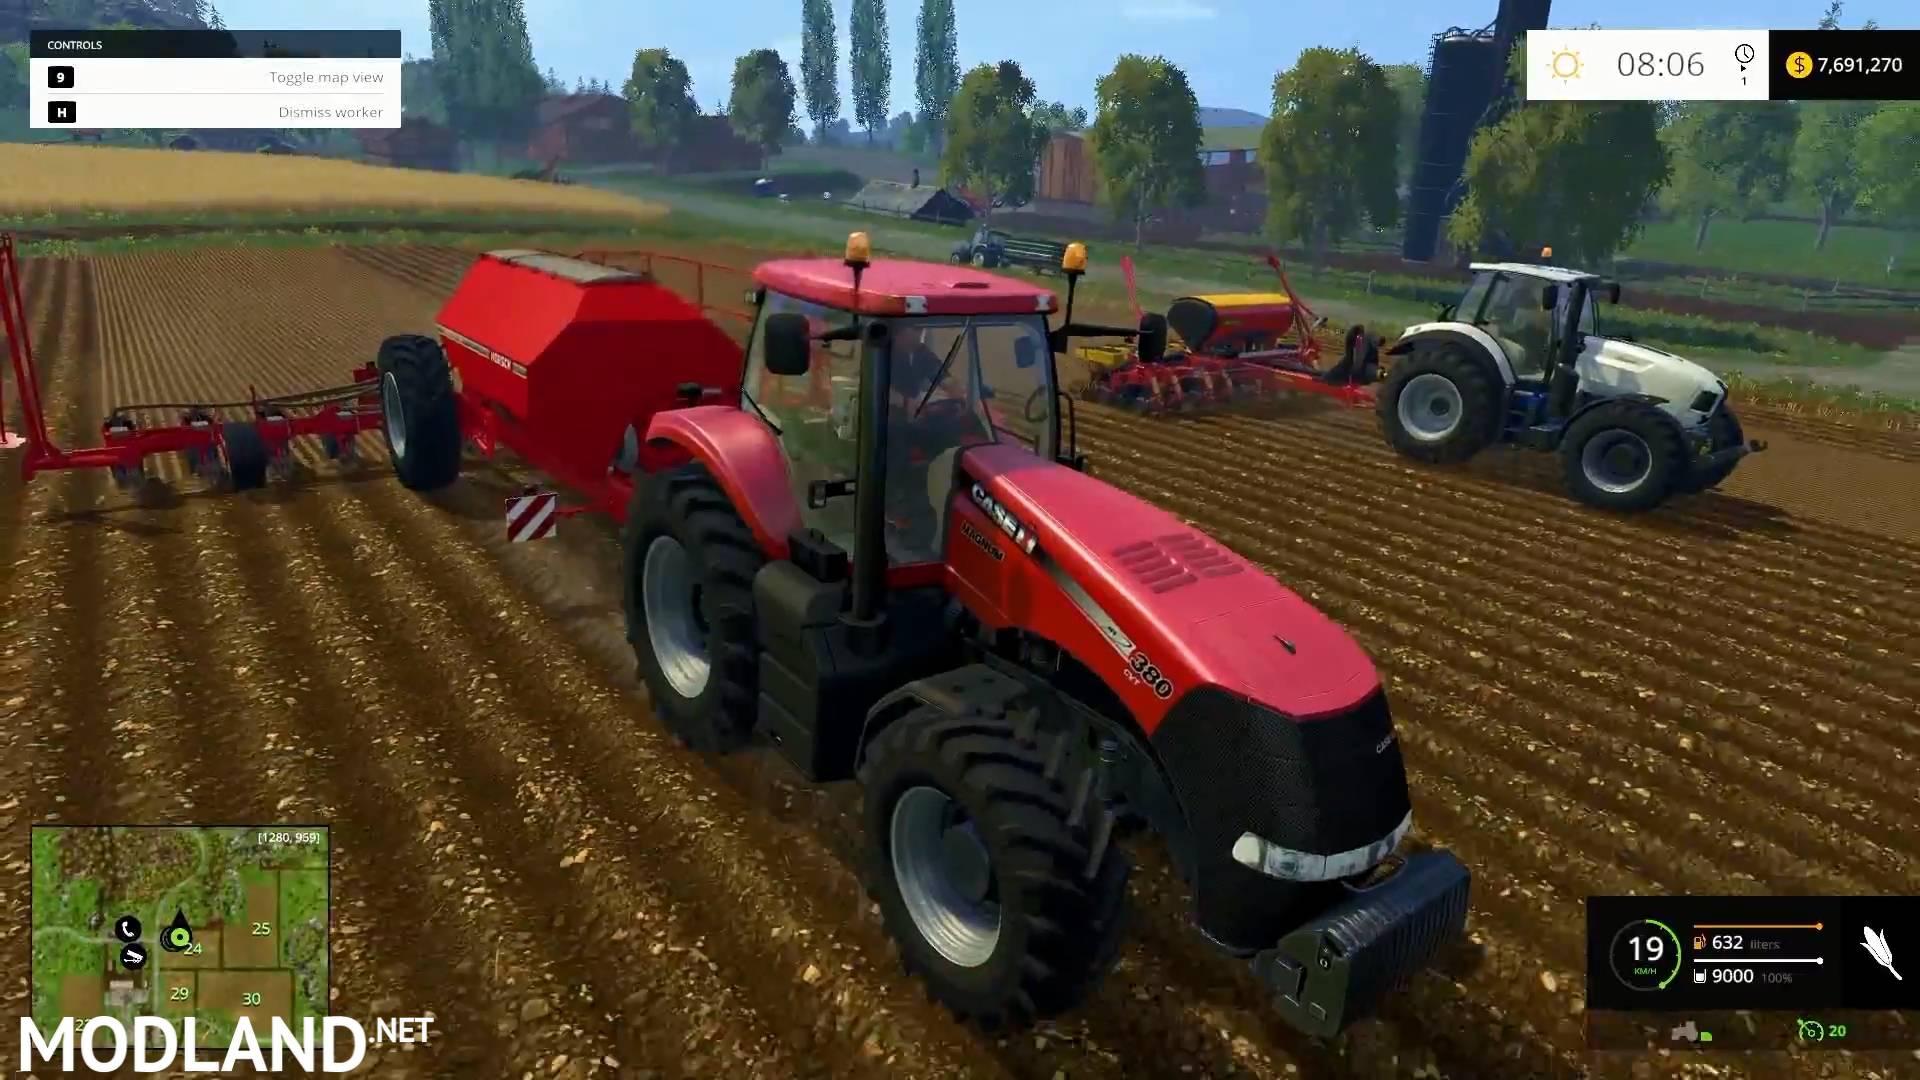 Landwirtschaft Spiele Kostenlos